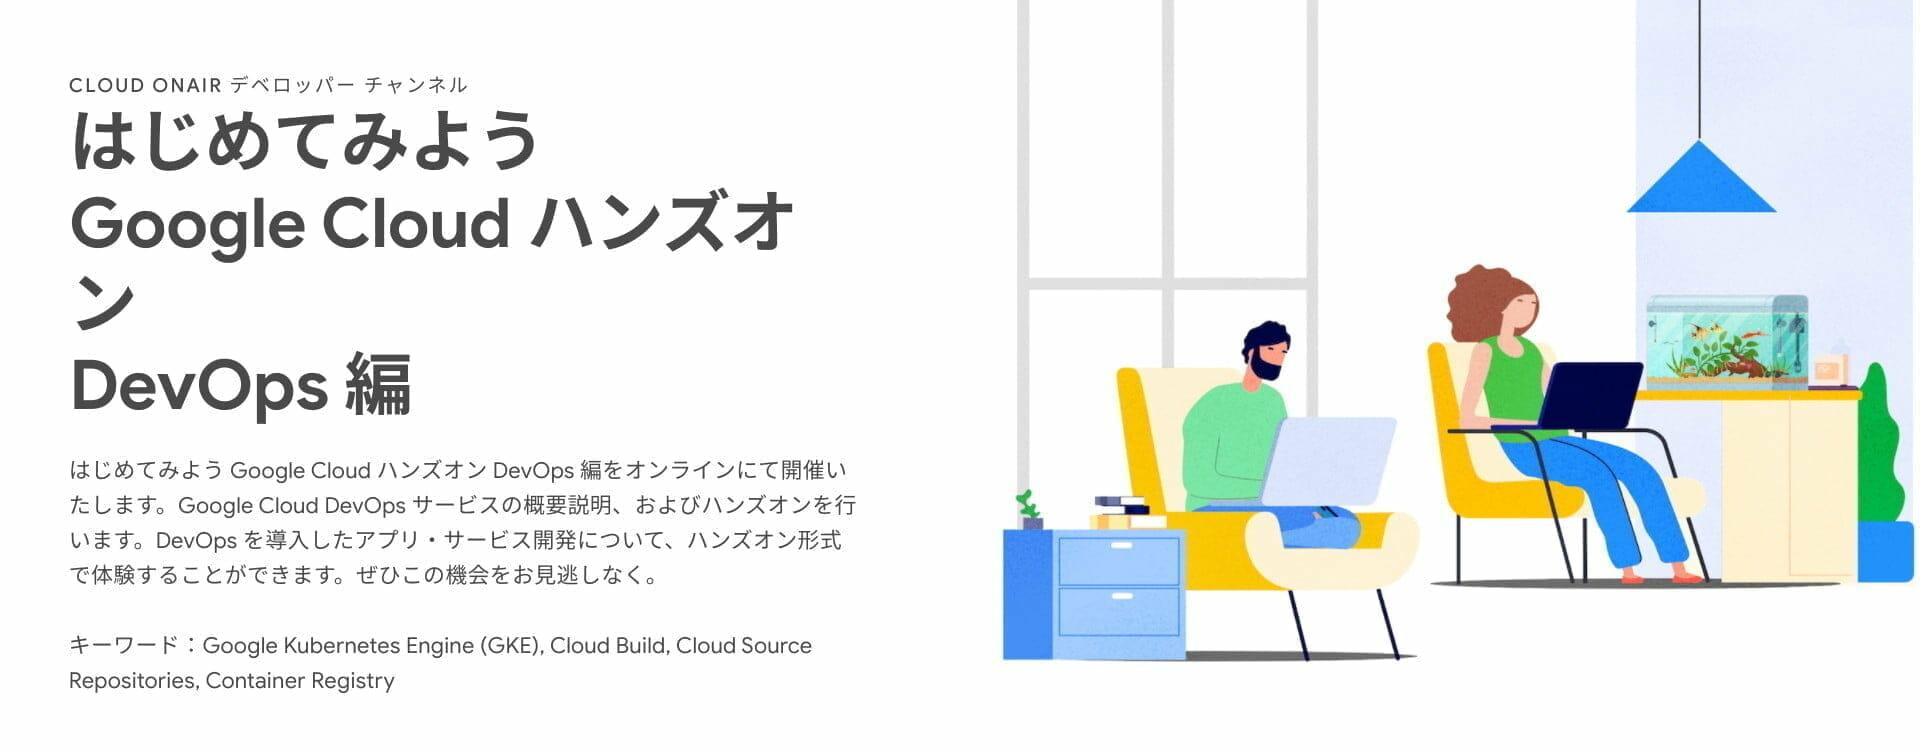 [GCP] はじめてみよう Google Cloud ハンズオン DevOps 編